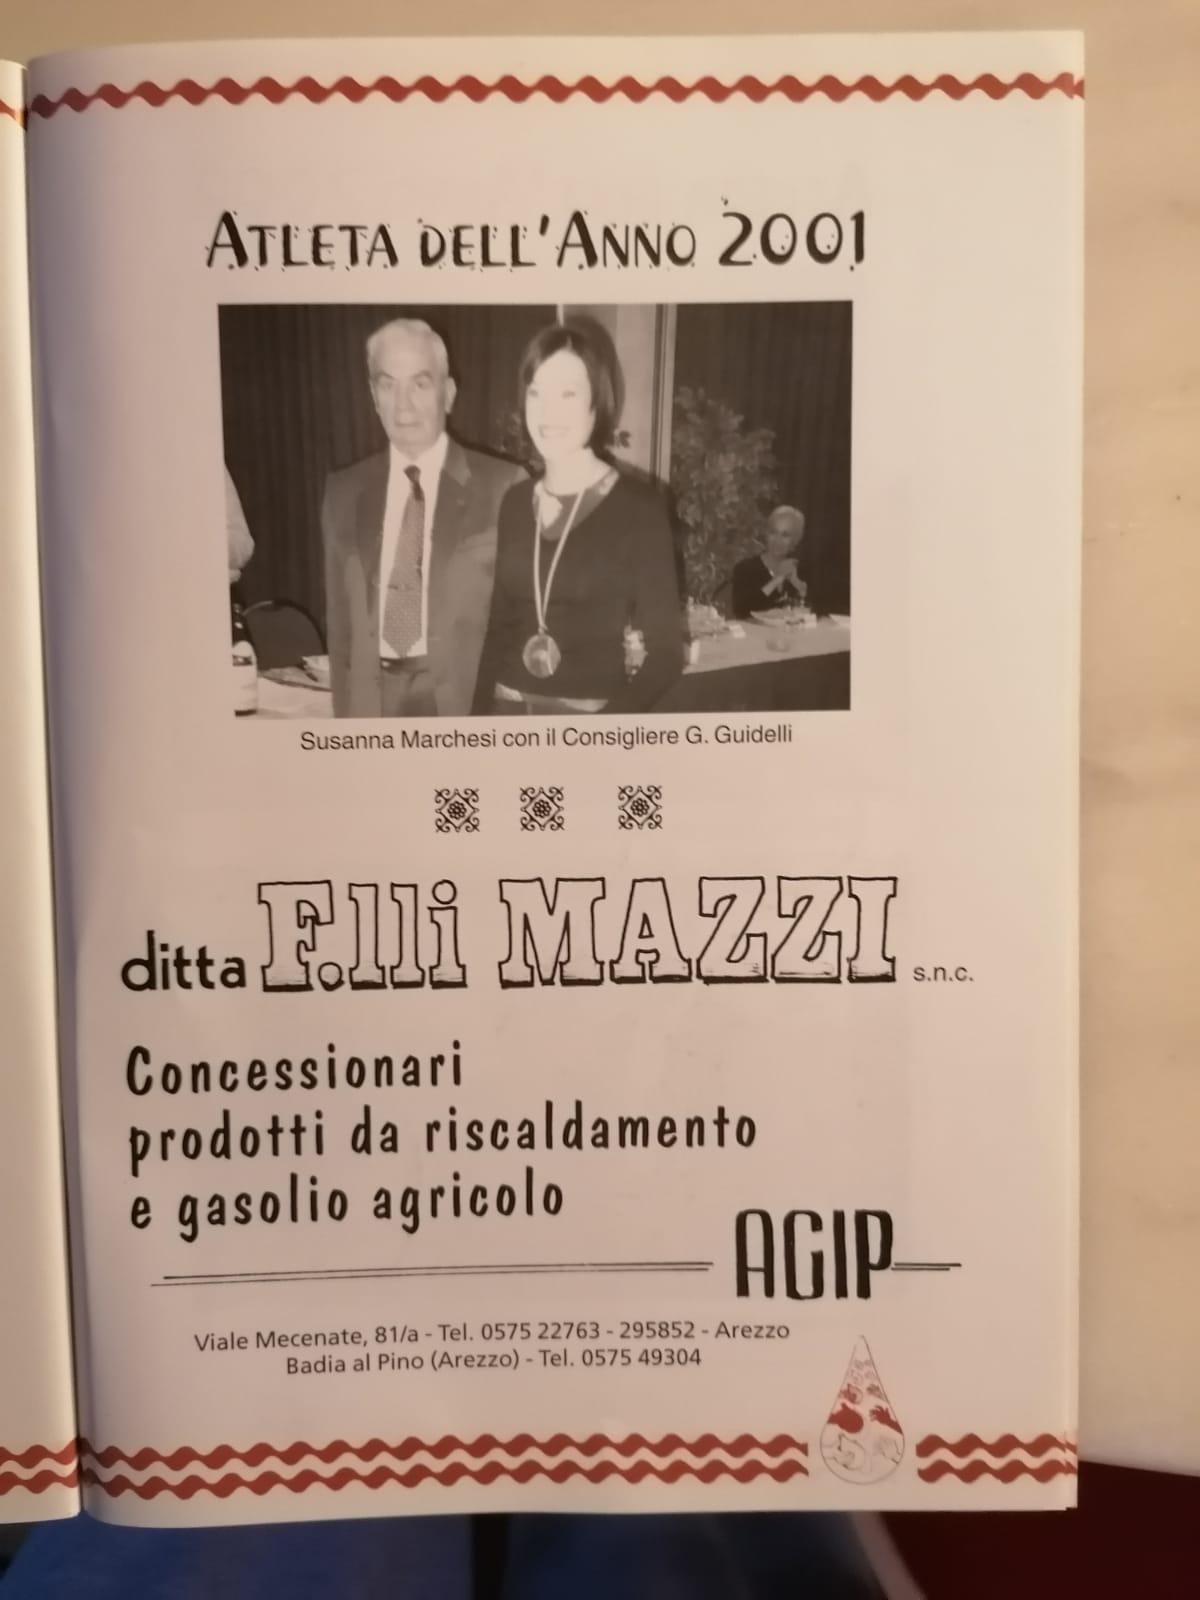 IMG-20200515-WA0018